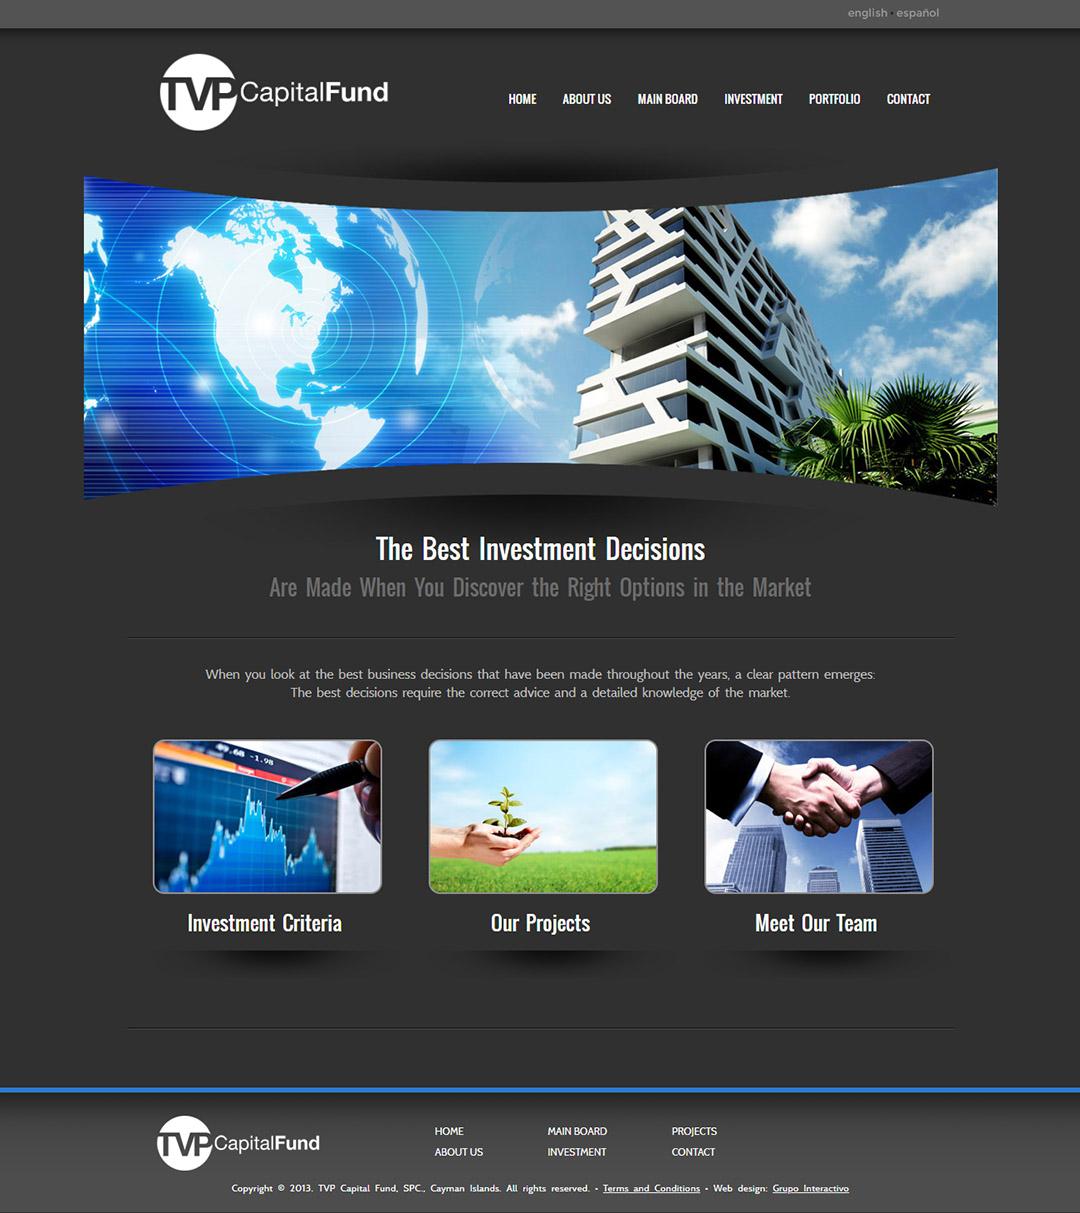 Pantalla del website TVP Capital Fund diseñado por Grupo Interactivo